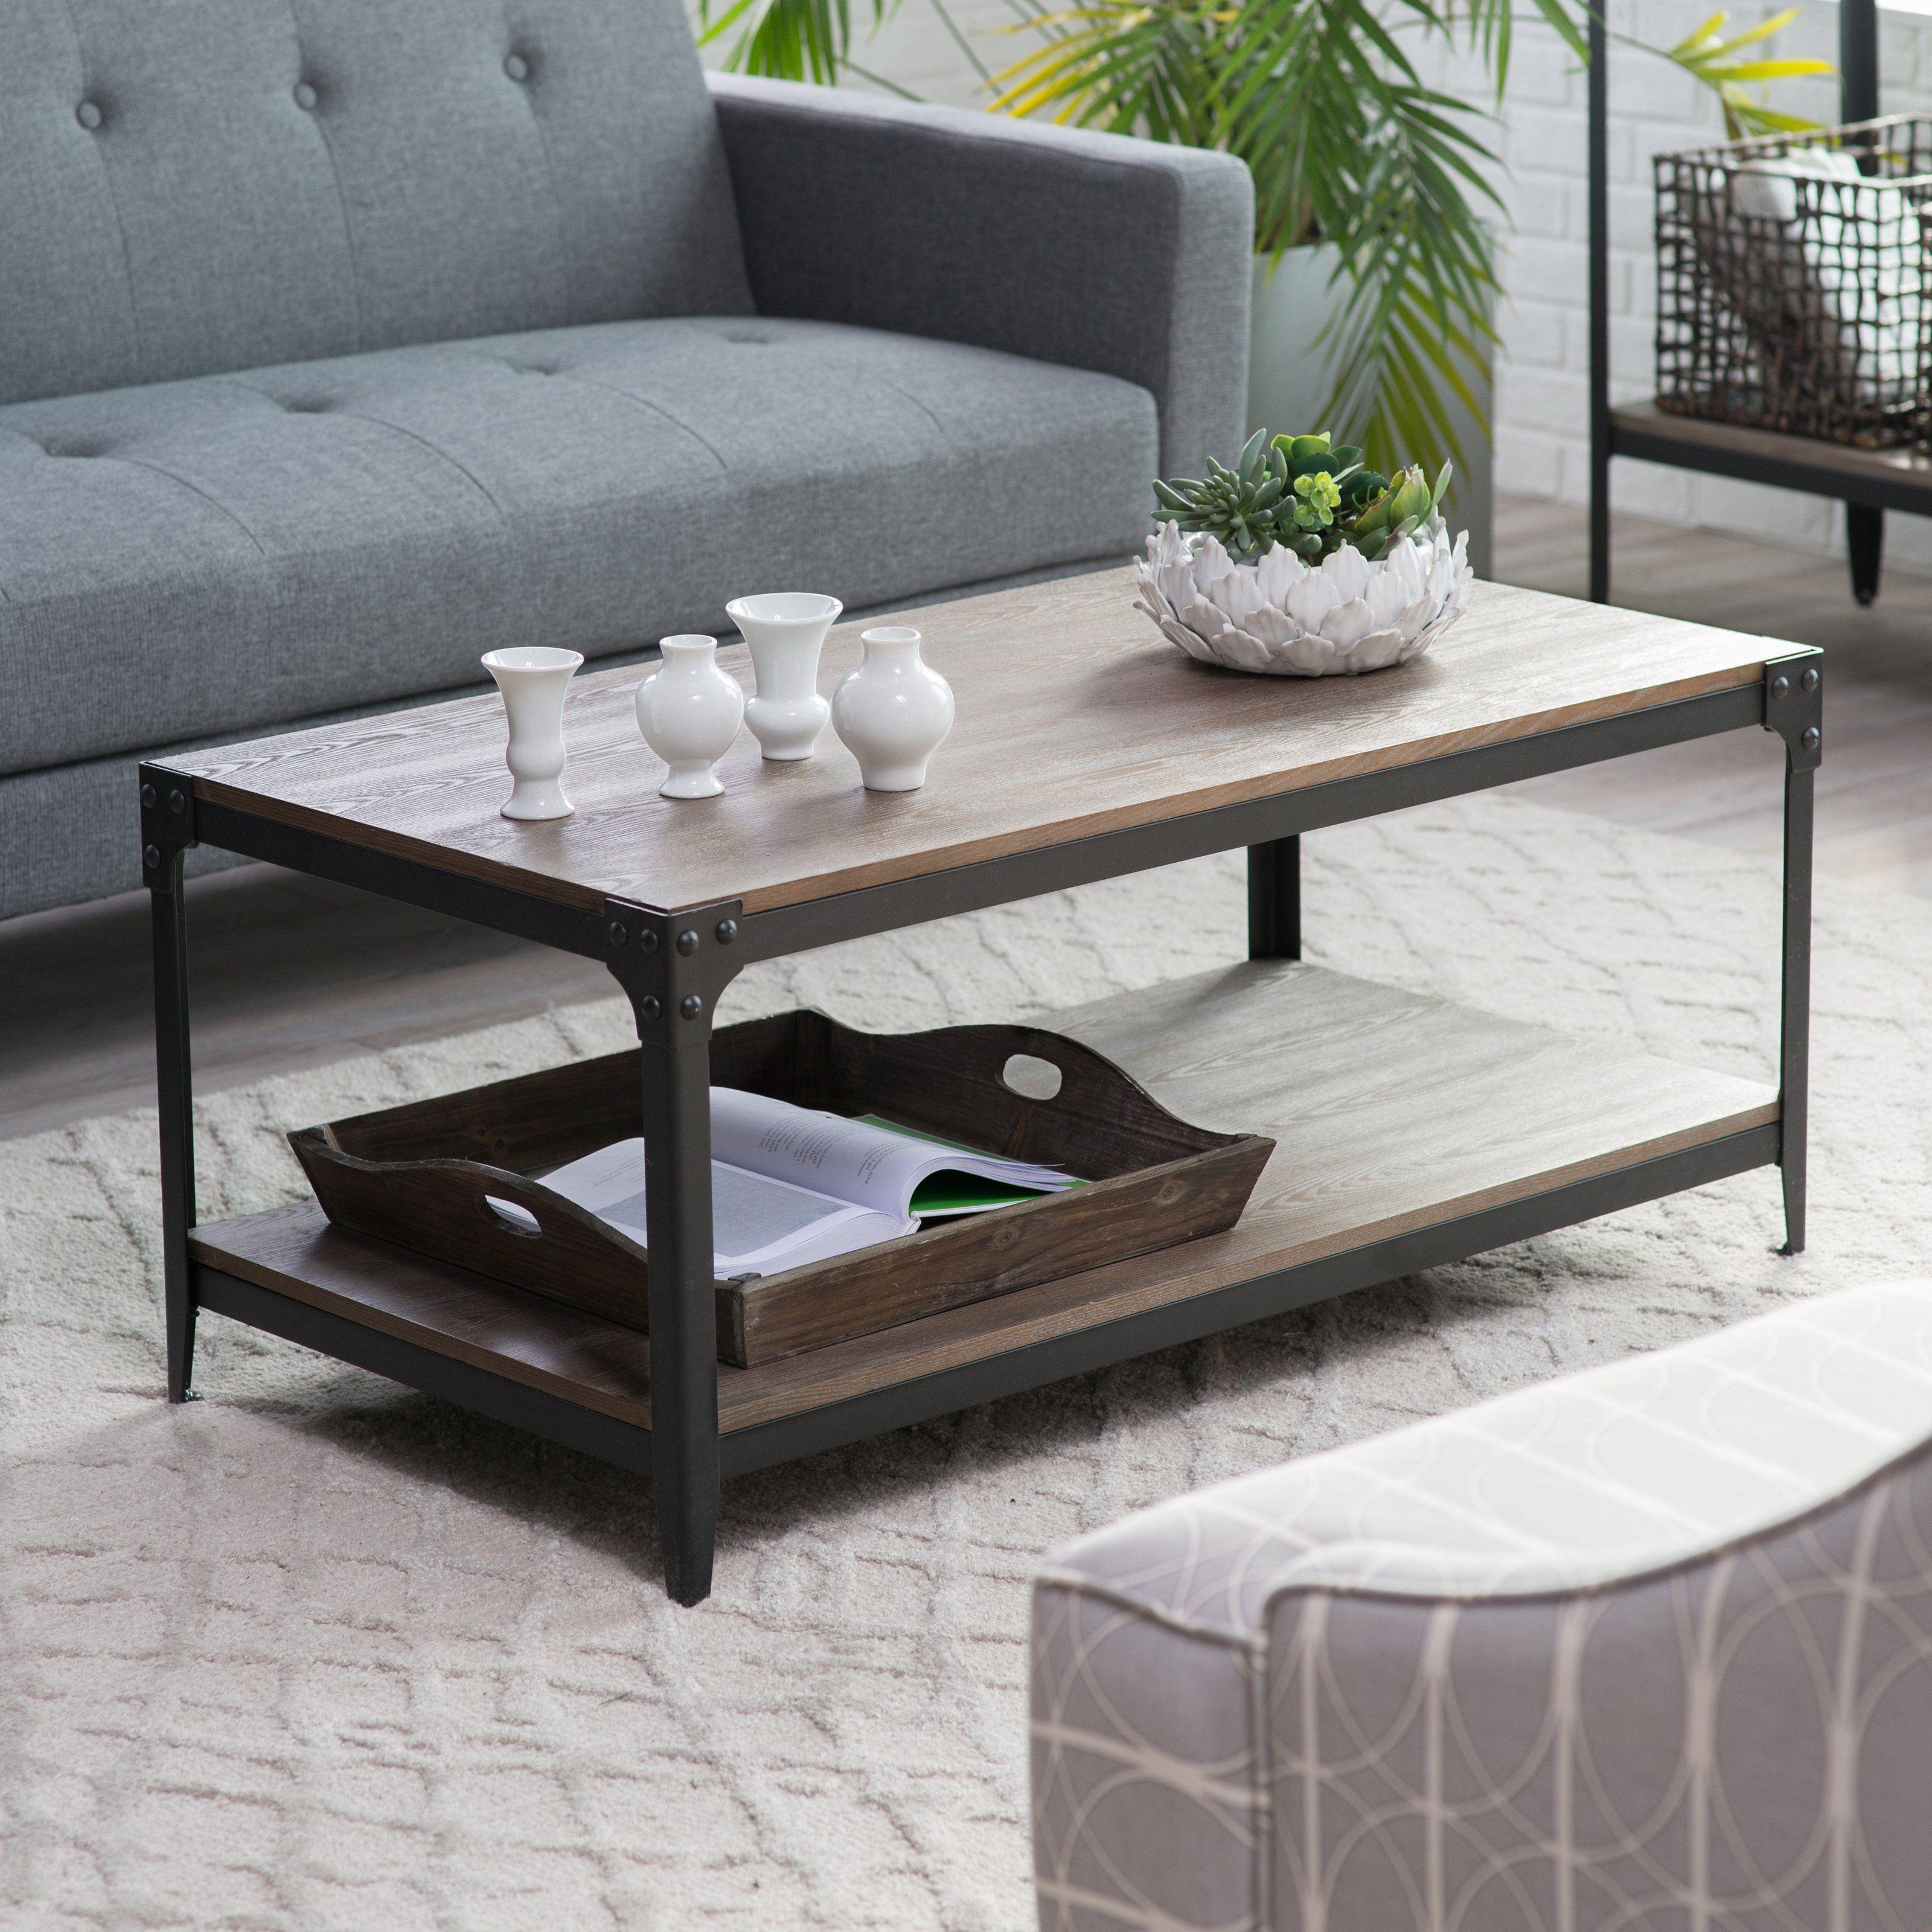 Belham Living Franklin Reclaimed Wood Industrial Coffee Table: Belham Living Trenton Coffee Table